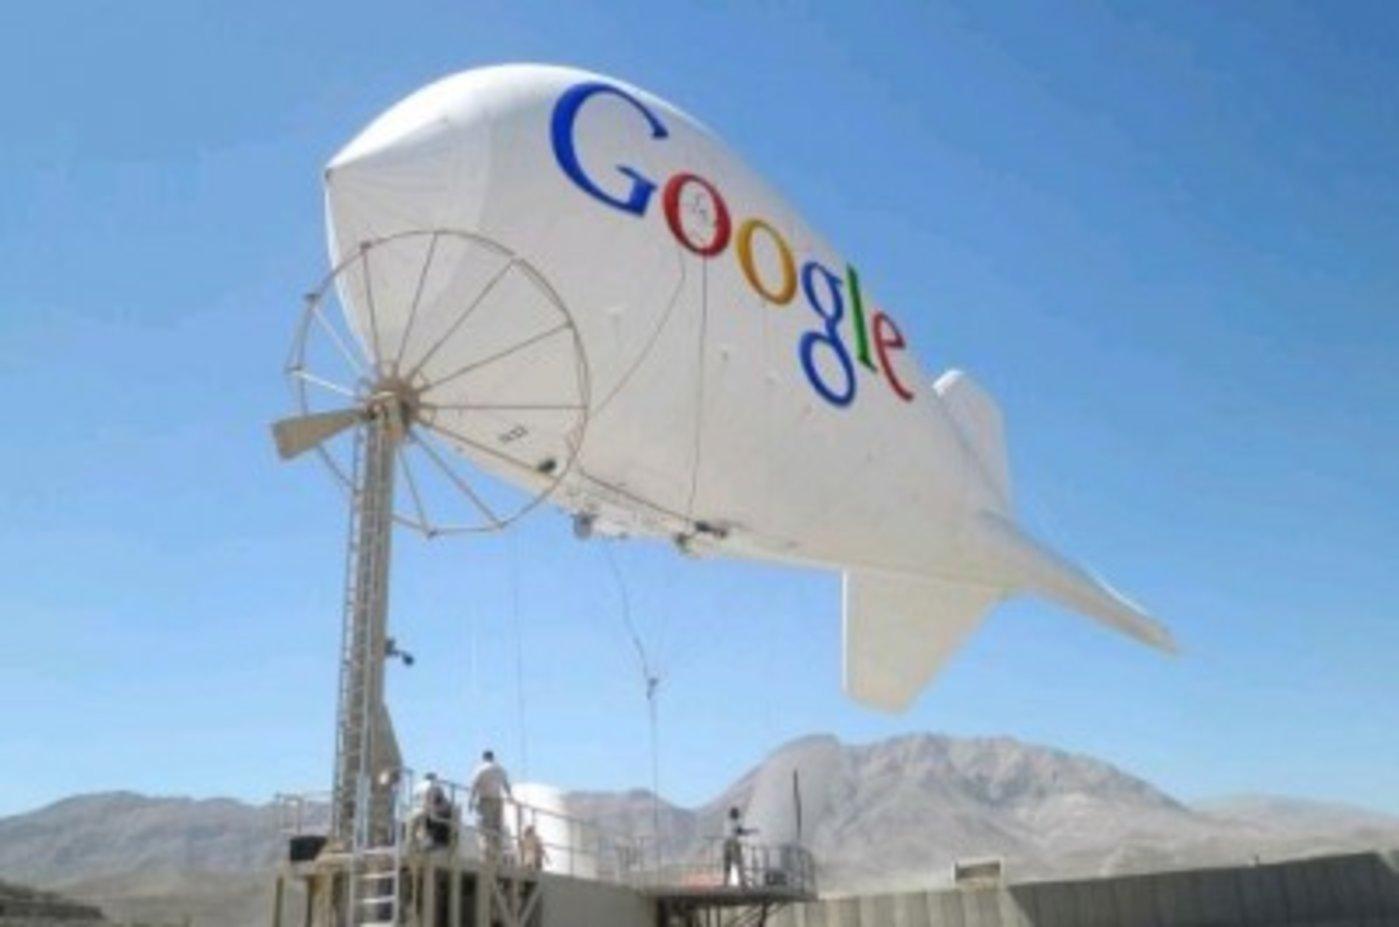 谷歌热气球